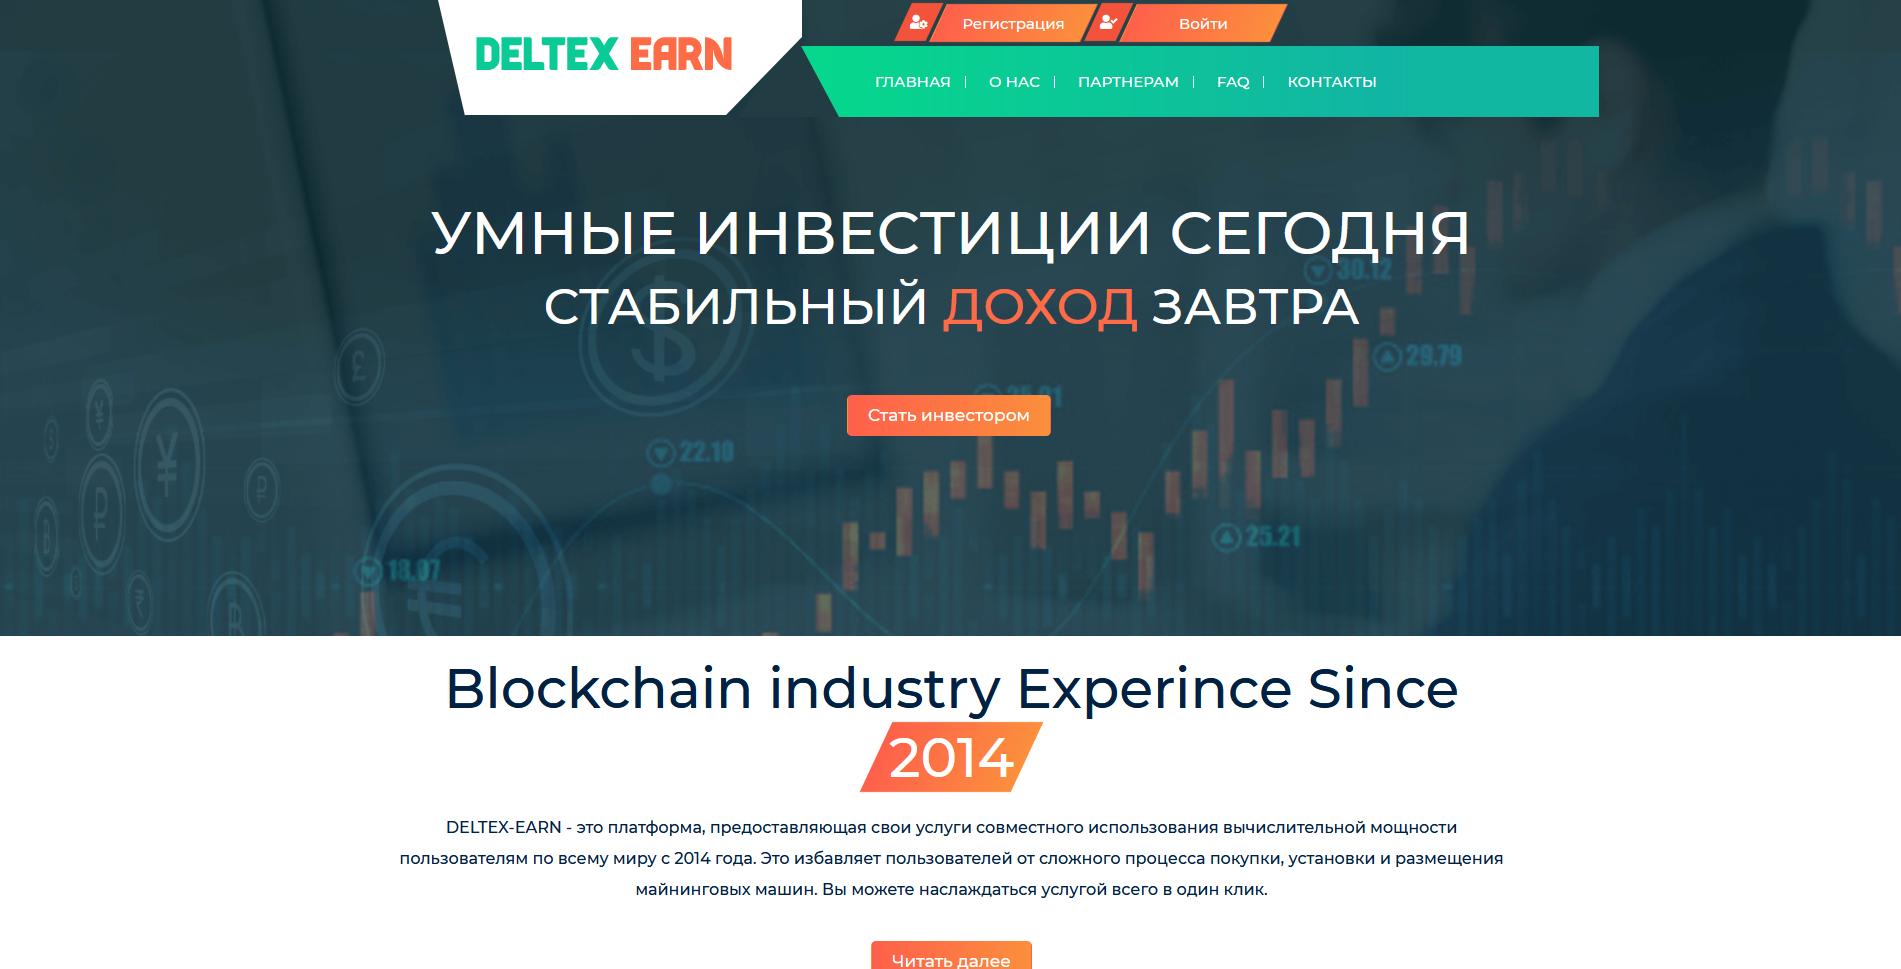 Deltex-Earn